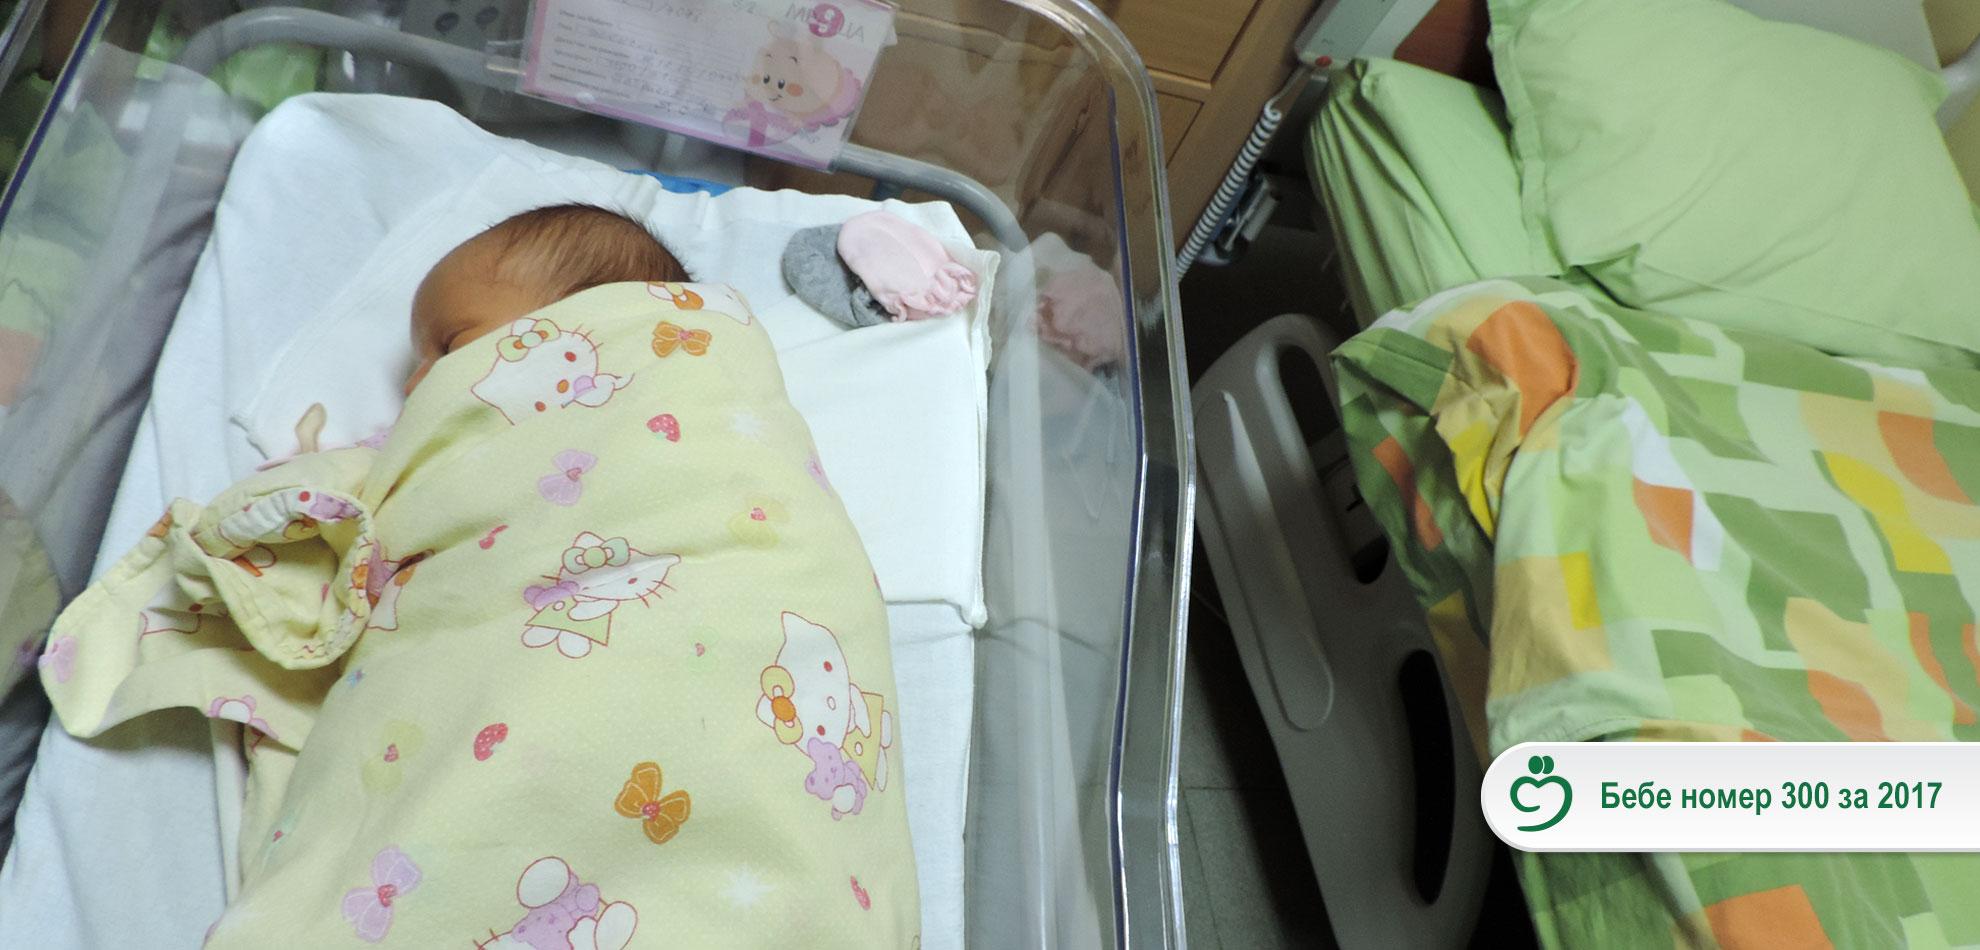 Усложнения при бременност и раждане, когато има кръвногрупова несъвместимост